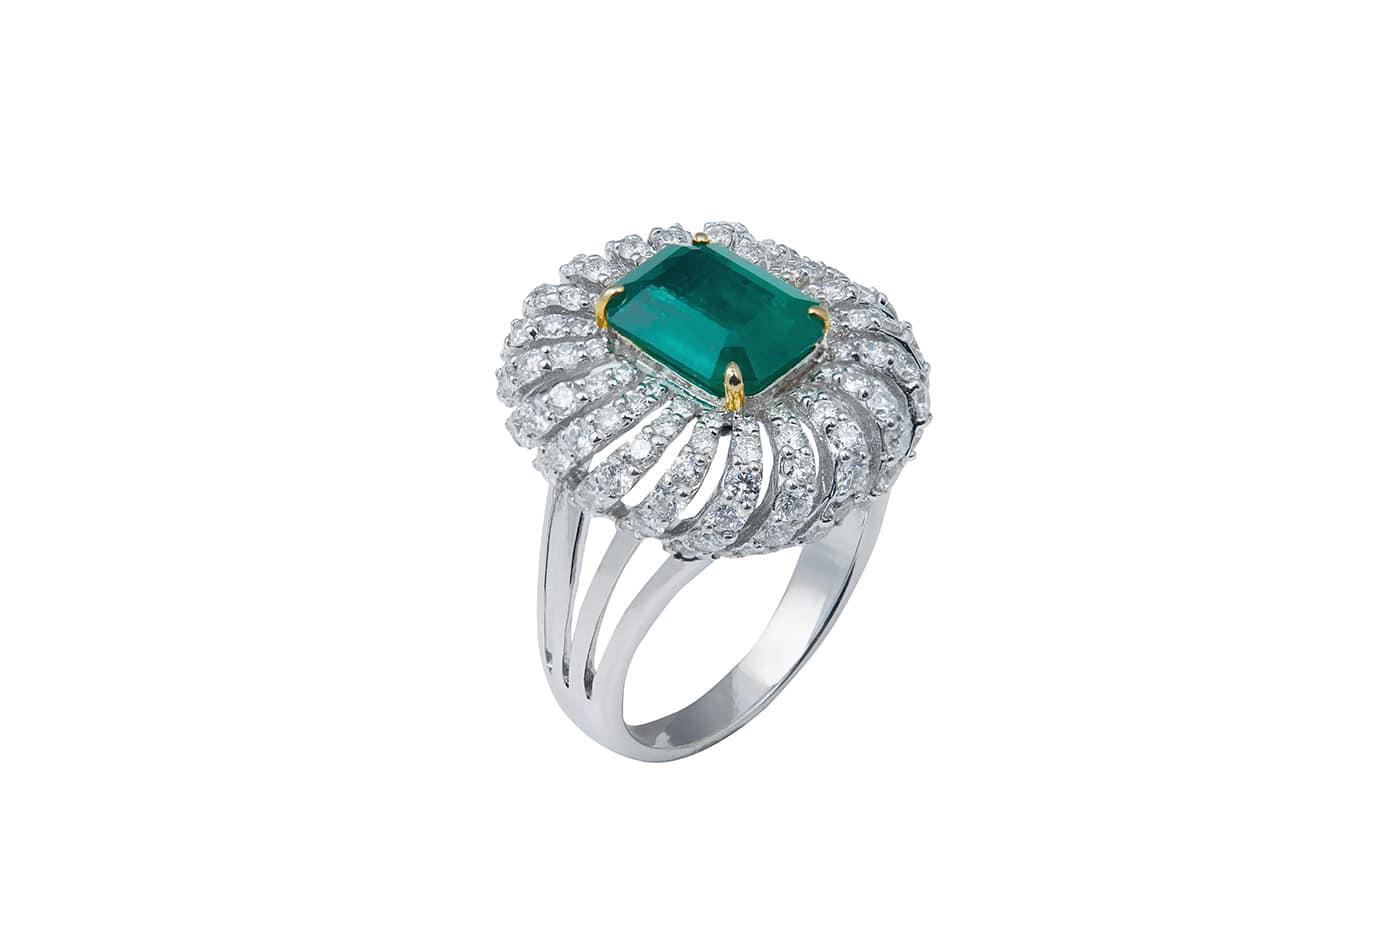 Zambian Emerald Diamond Ring